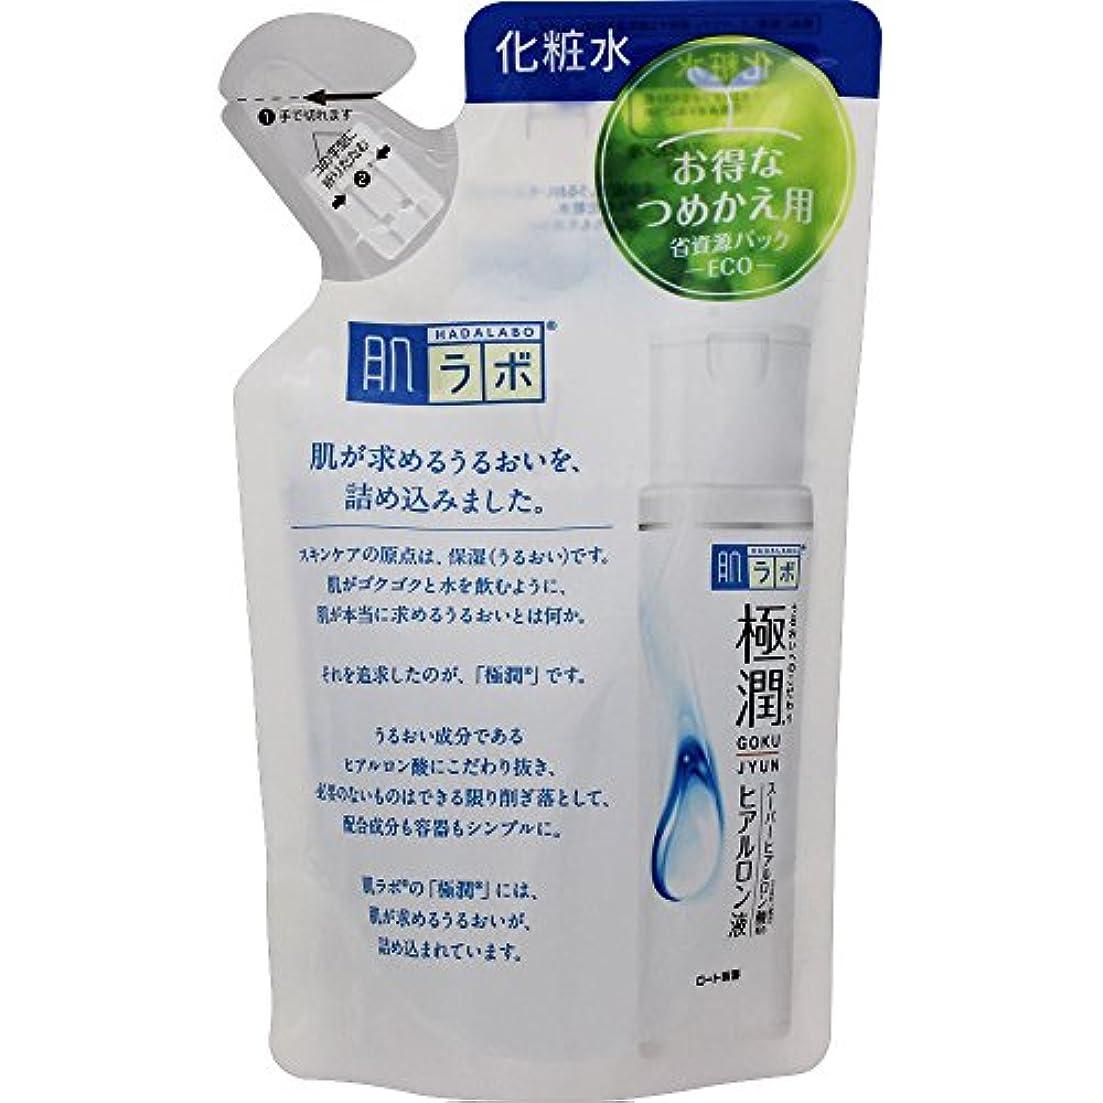 最初はアルファベット順慣習肌ラボ 極潤 ヒアルロン酸 化粧水 ヒアルロン酸3種配合 詰替用 170ml